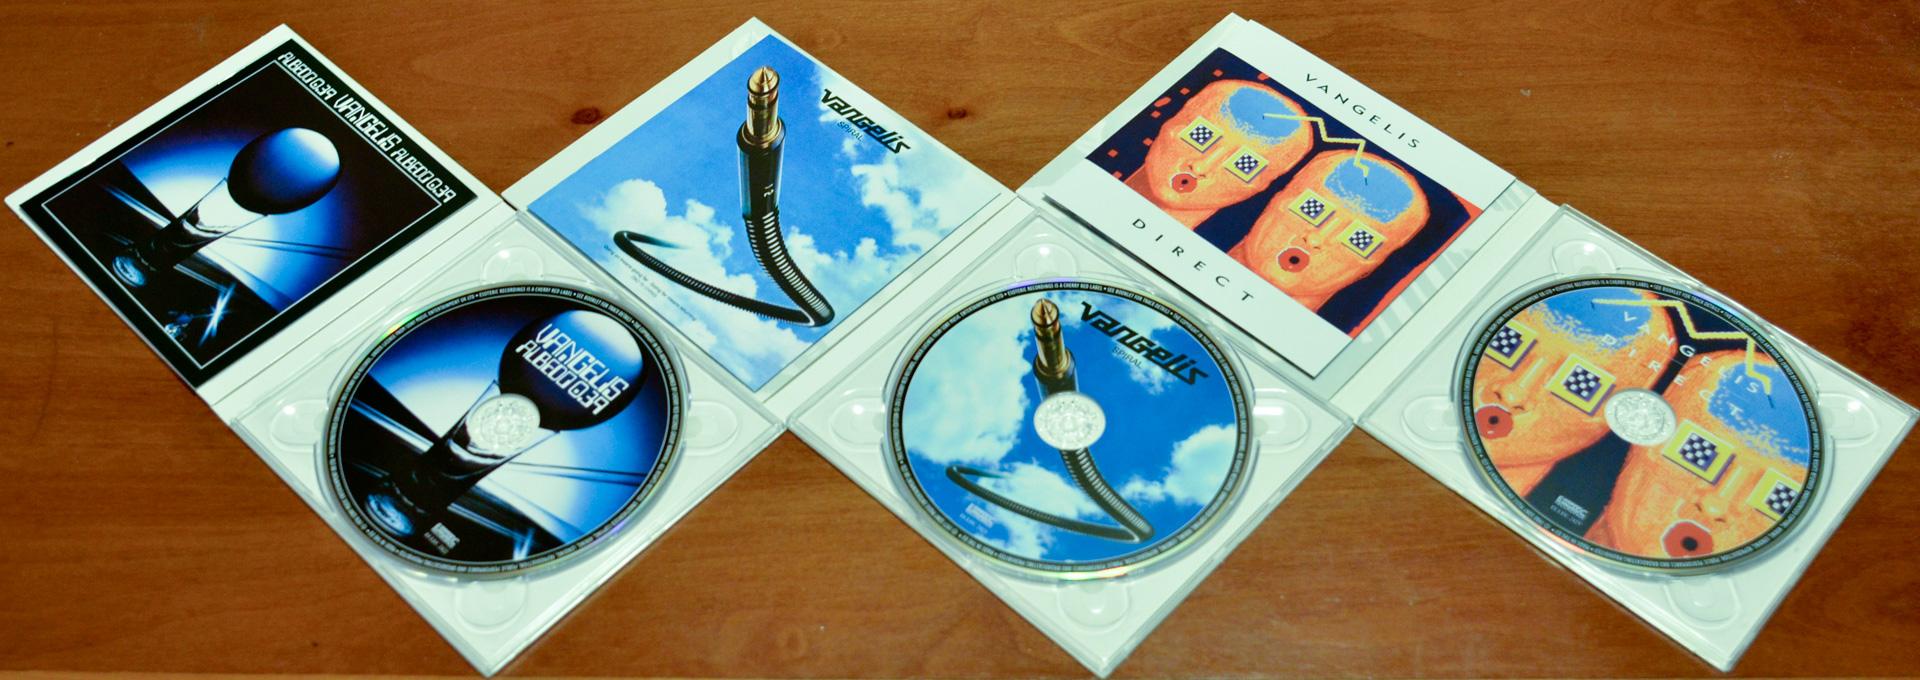 Vangelis-Esoteric-Recordings